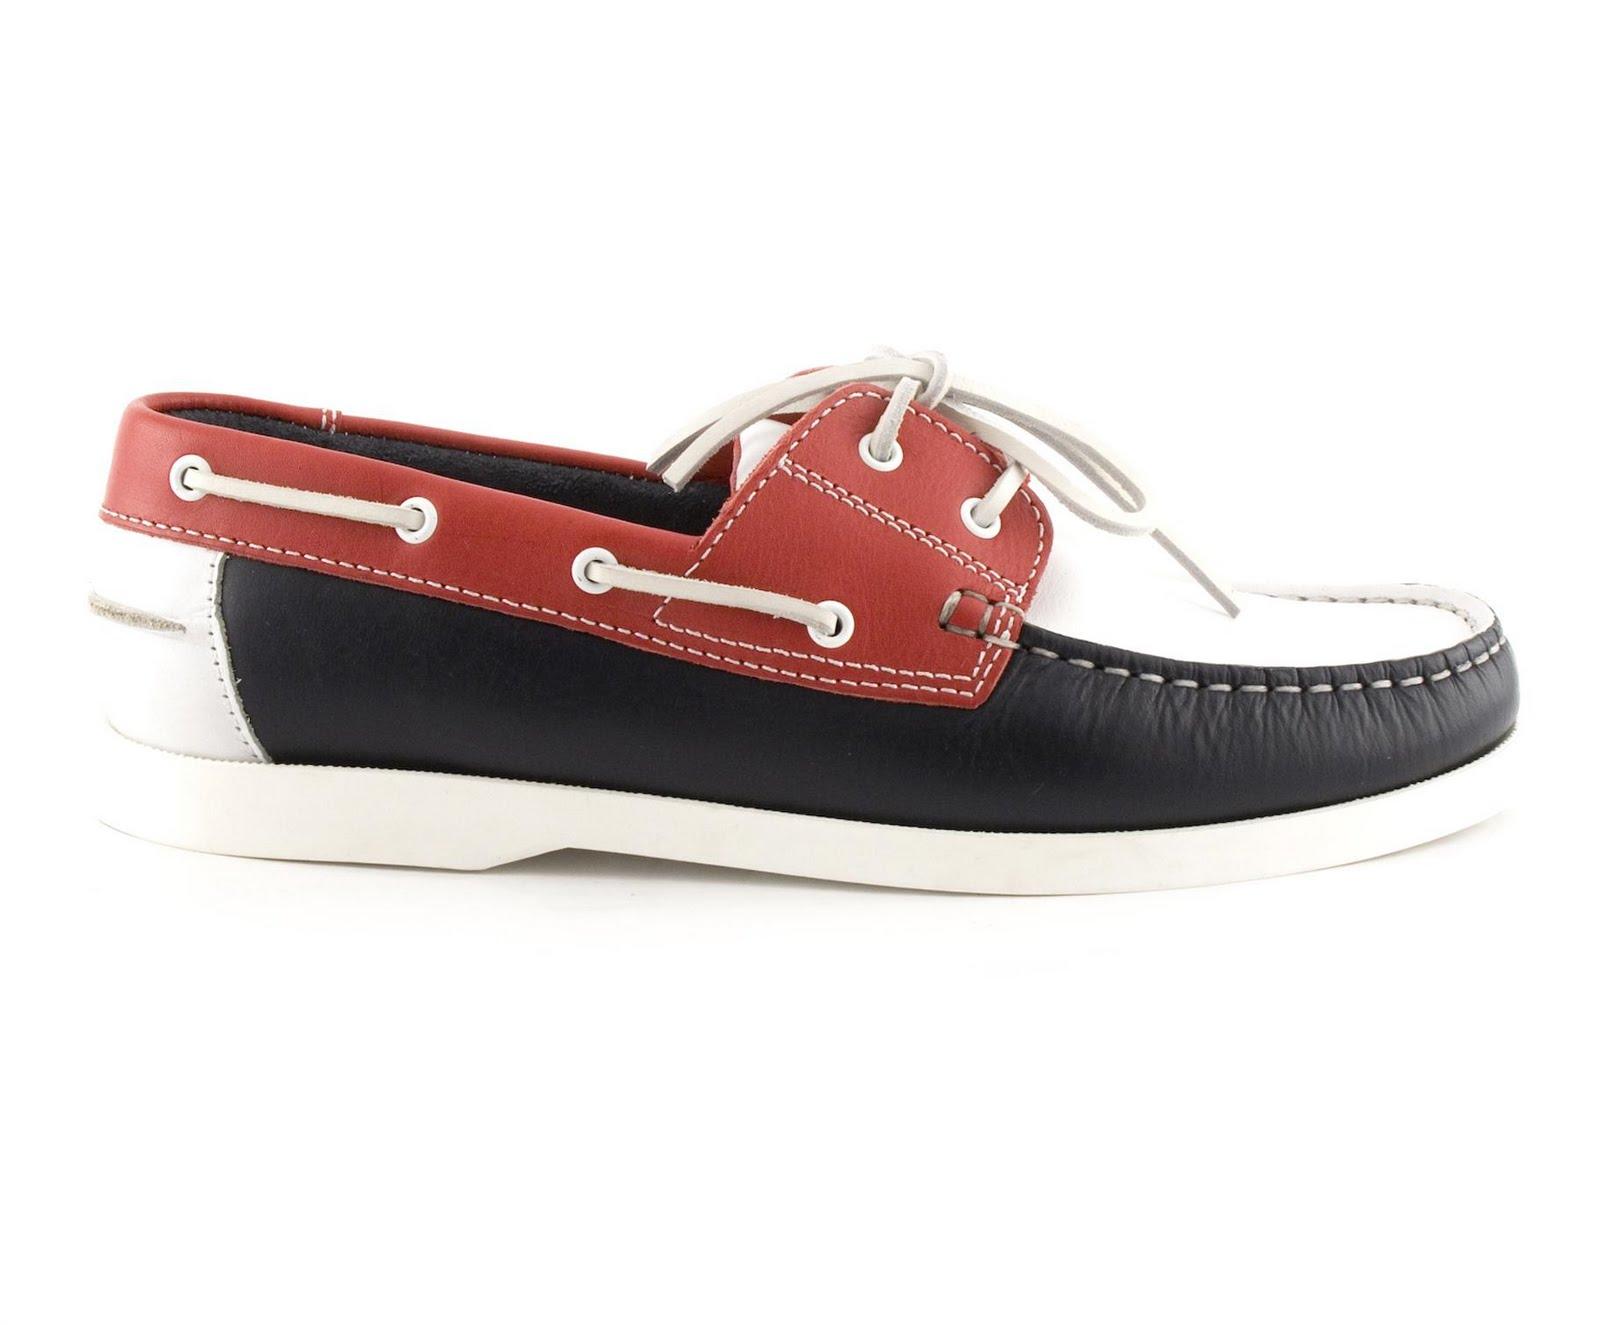 Barratts Mens Shoes